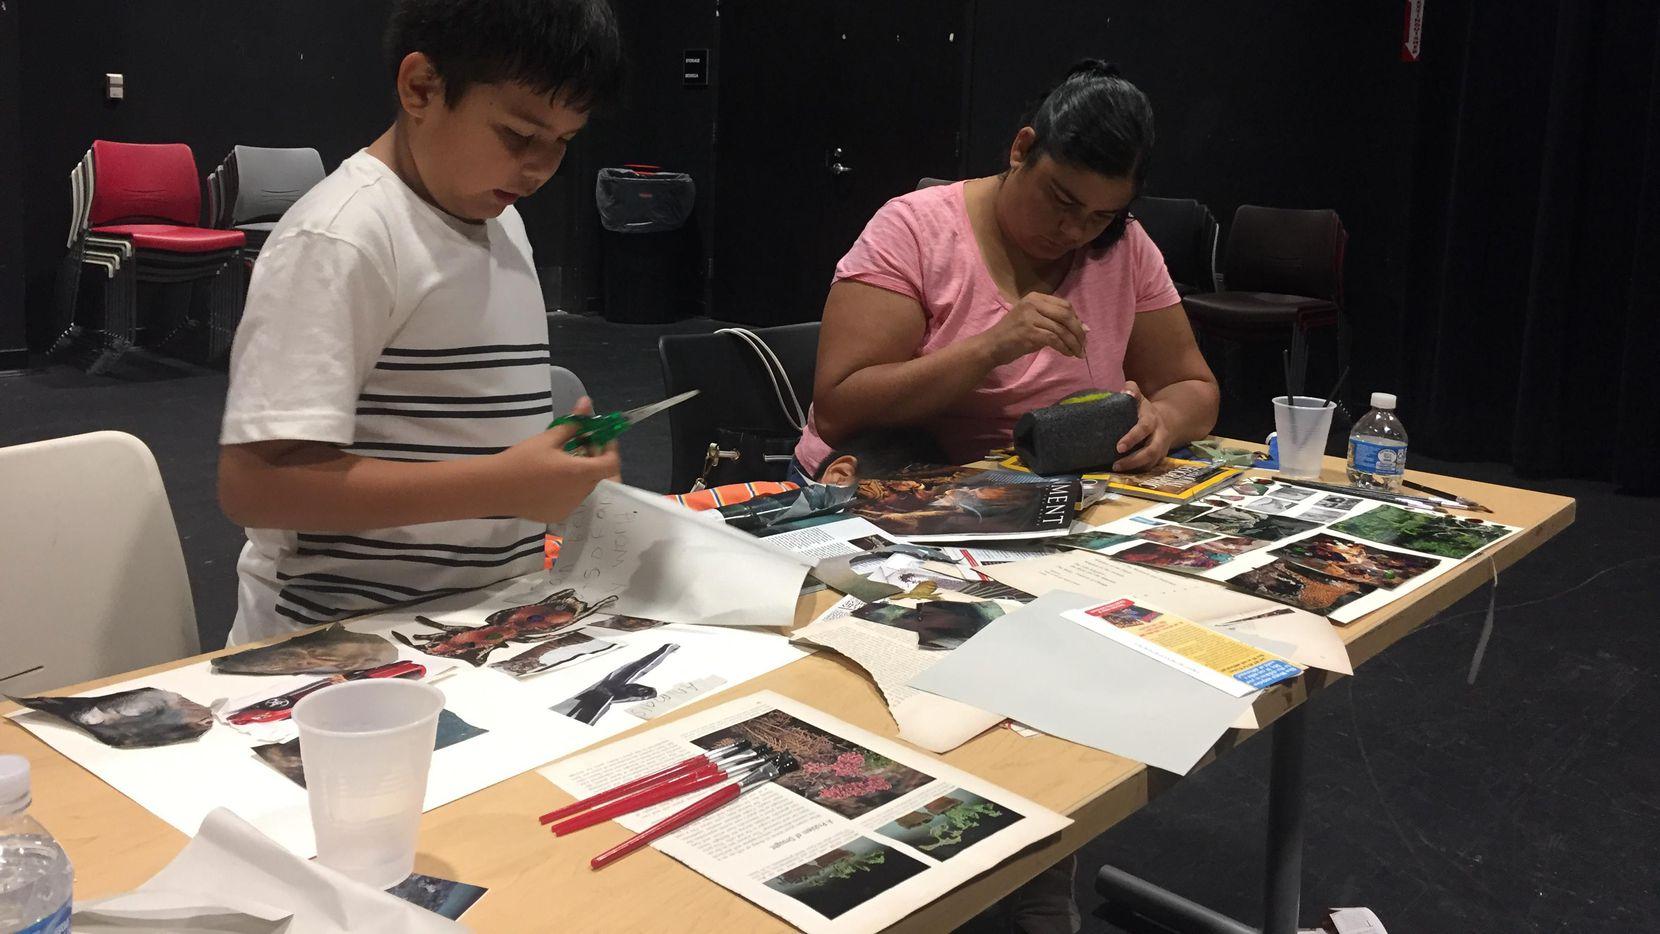 Miriam Caldera, residente de Pleasant Grove (der.), con su hijo Aaron de 8 años, durante el taller de poesia.(CARMINA TISCAREÑO/AL DÍA)